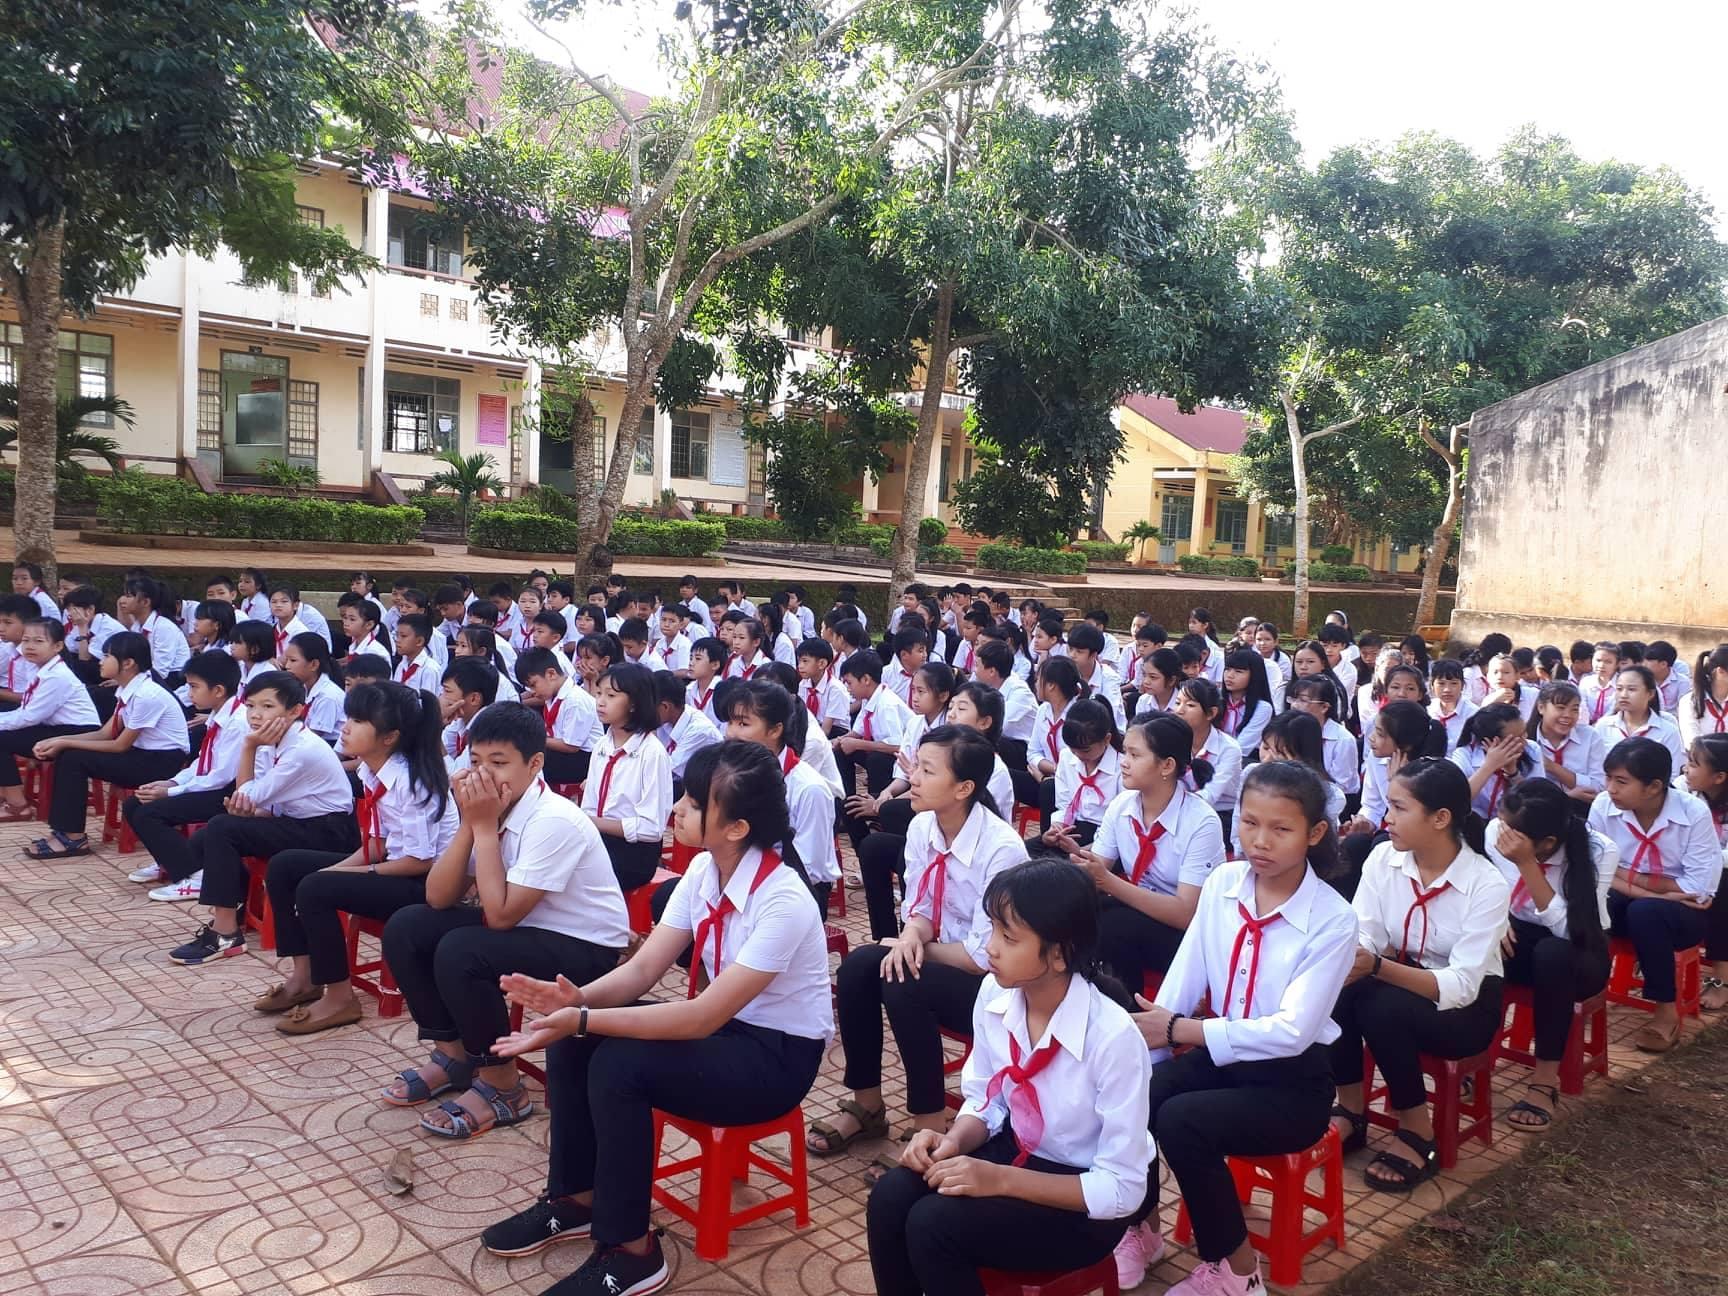 Hình ảnh trong Lễ khai giảng năm học mới 2018-2019 của trường THCS Trần Phú – Thị xã Buôn Hồ